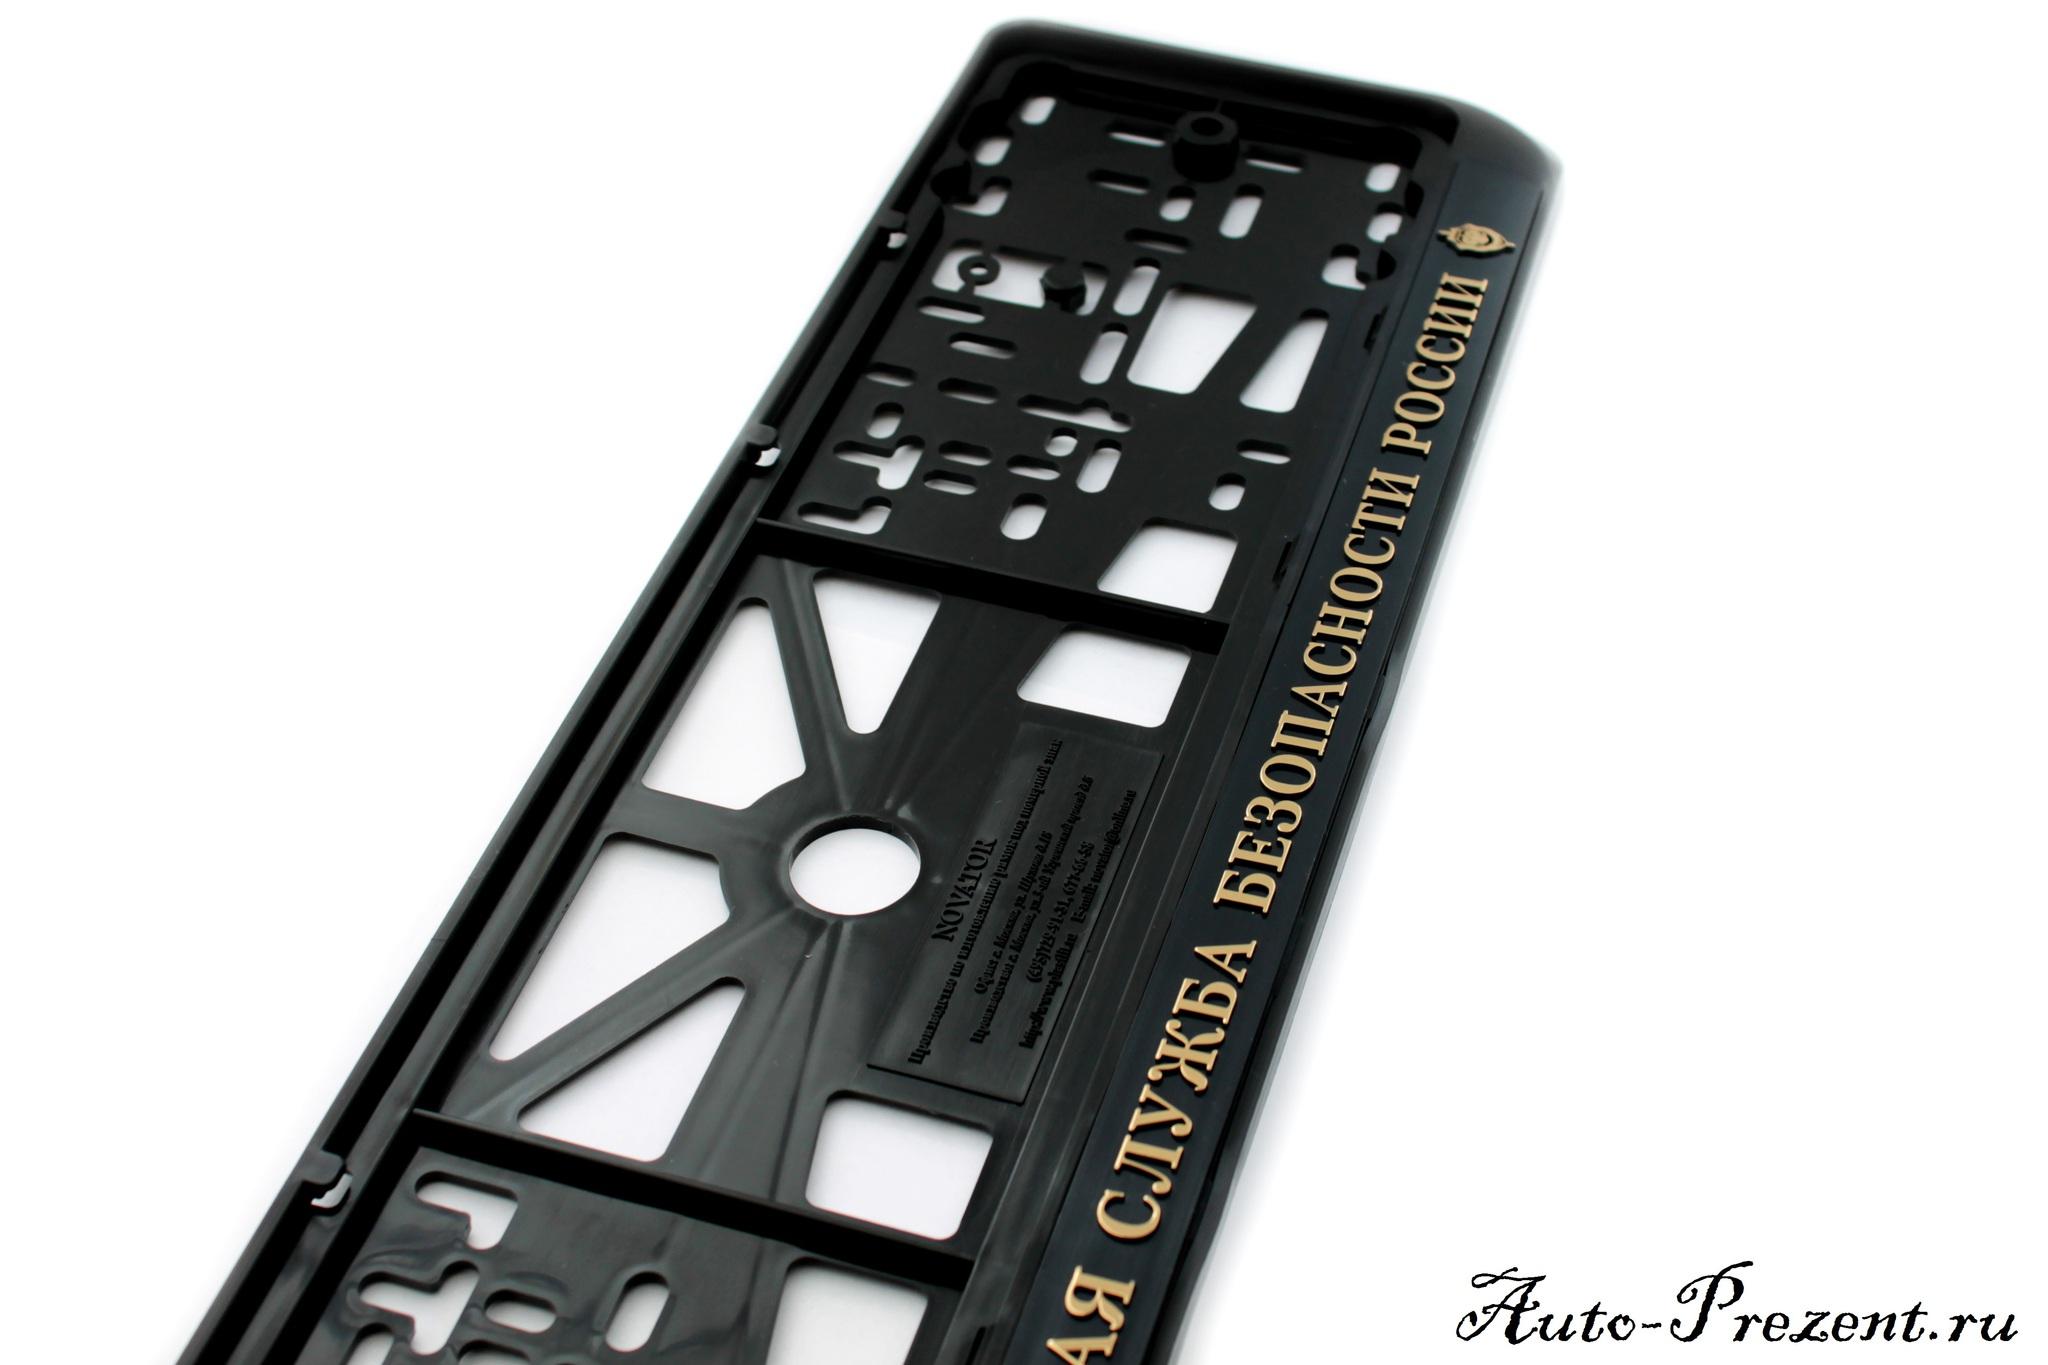 Рамки под номерной знак пластиковые с рельефными буквами Федеральная служба безопасности России (2 шт.)